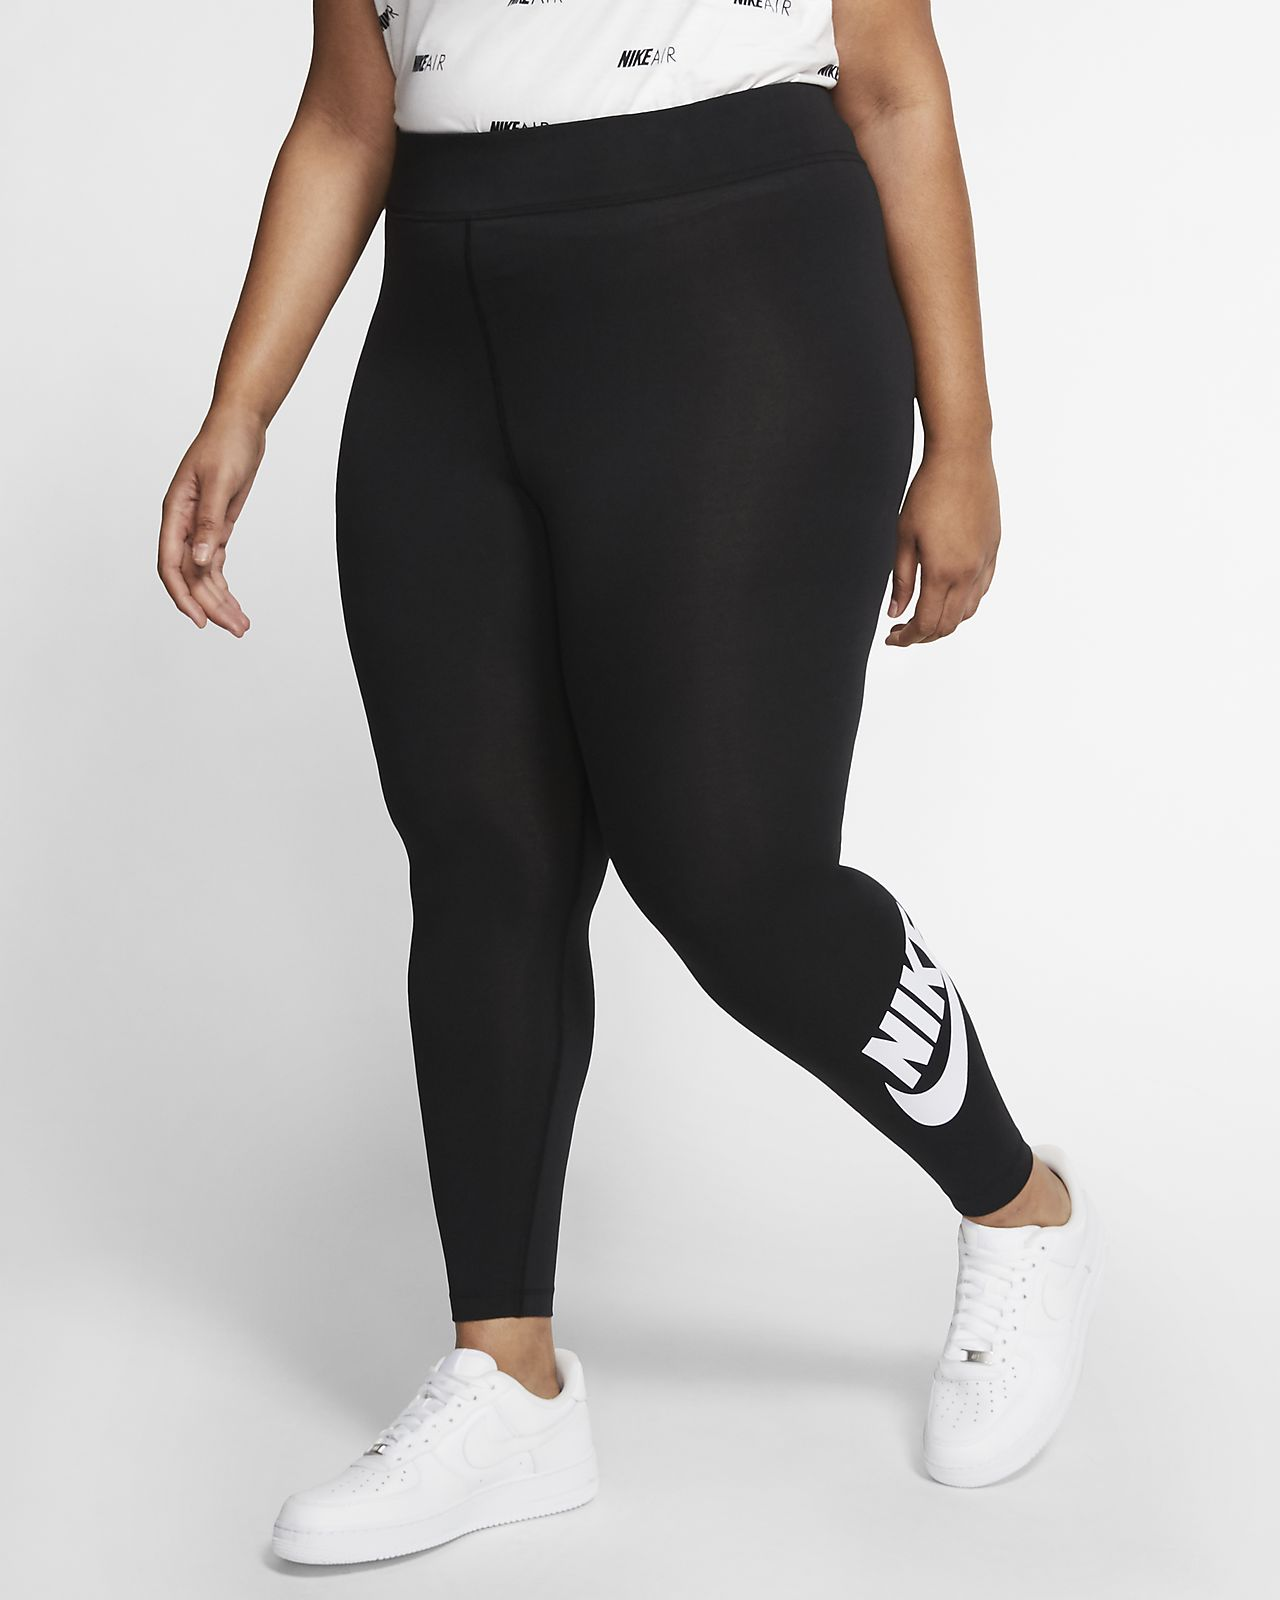 Женские леггинсы с высокой посадкой Nike Sportswear Leg-A-See (большие размеры)